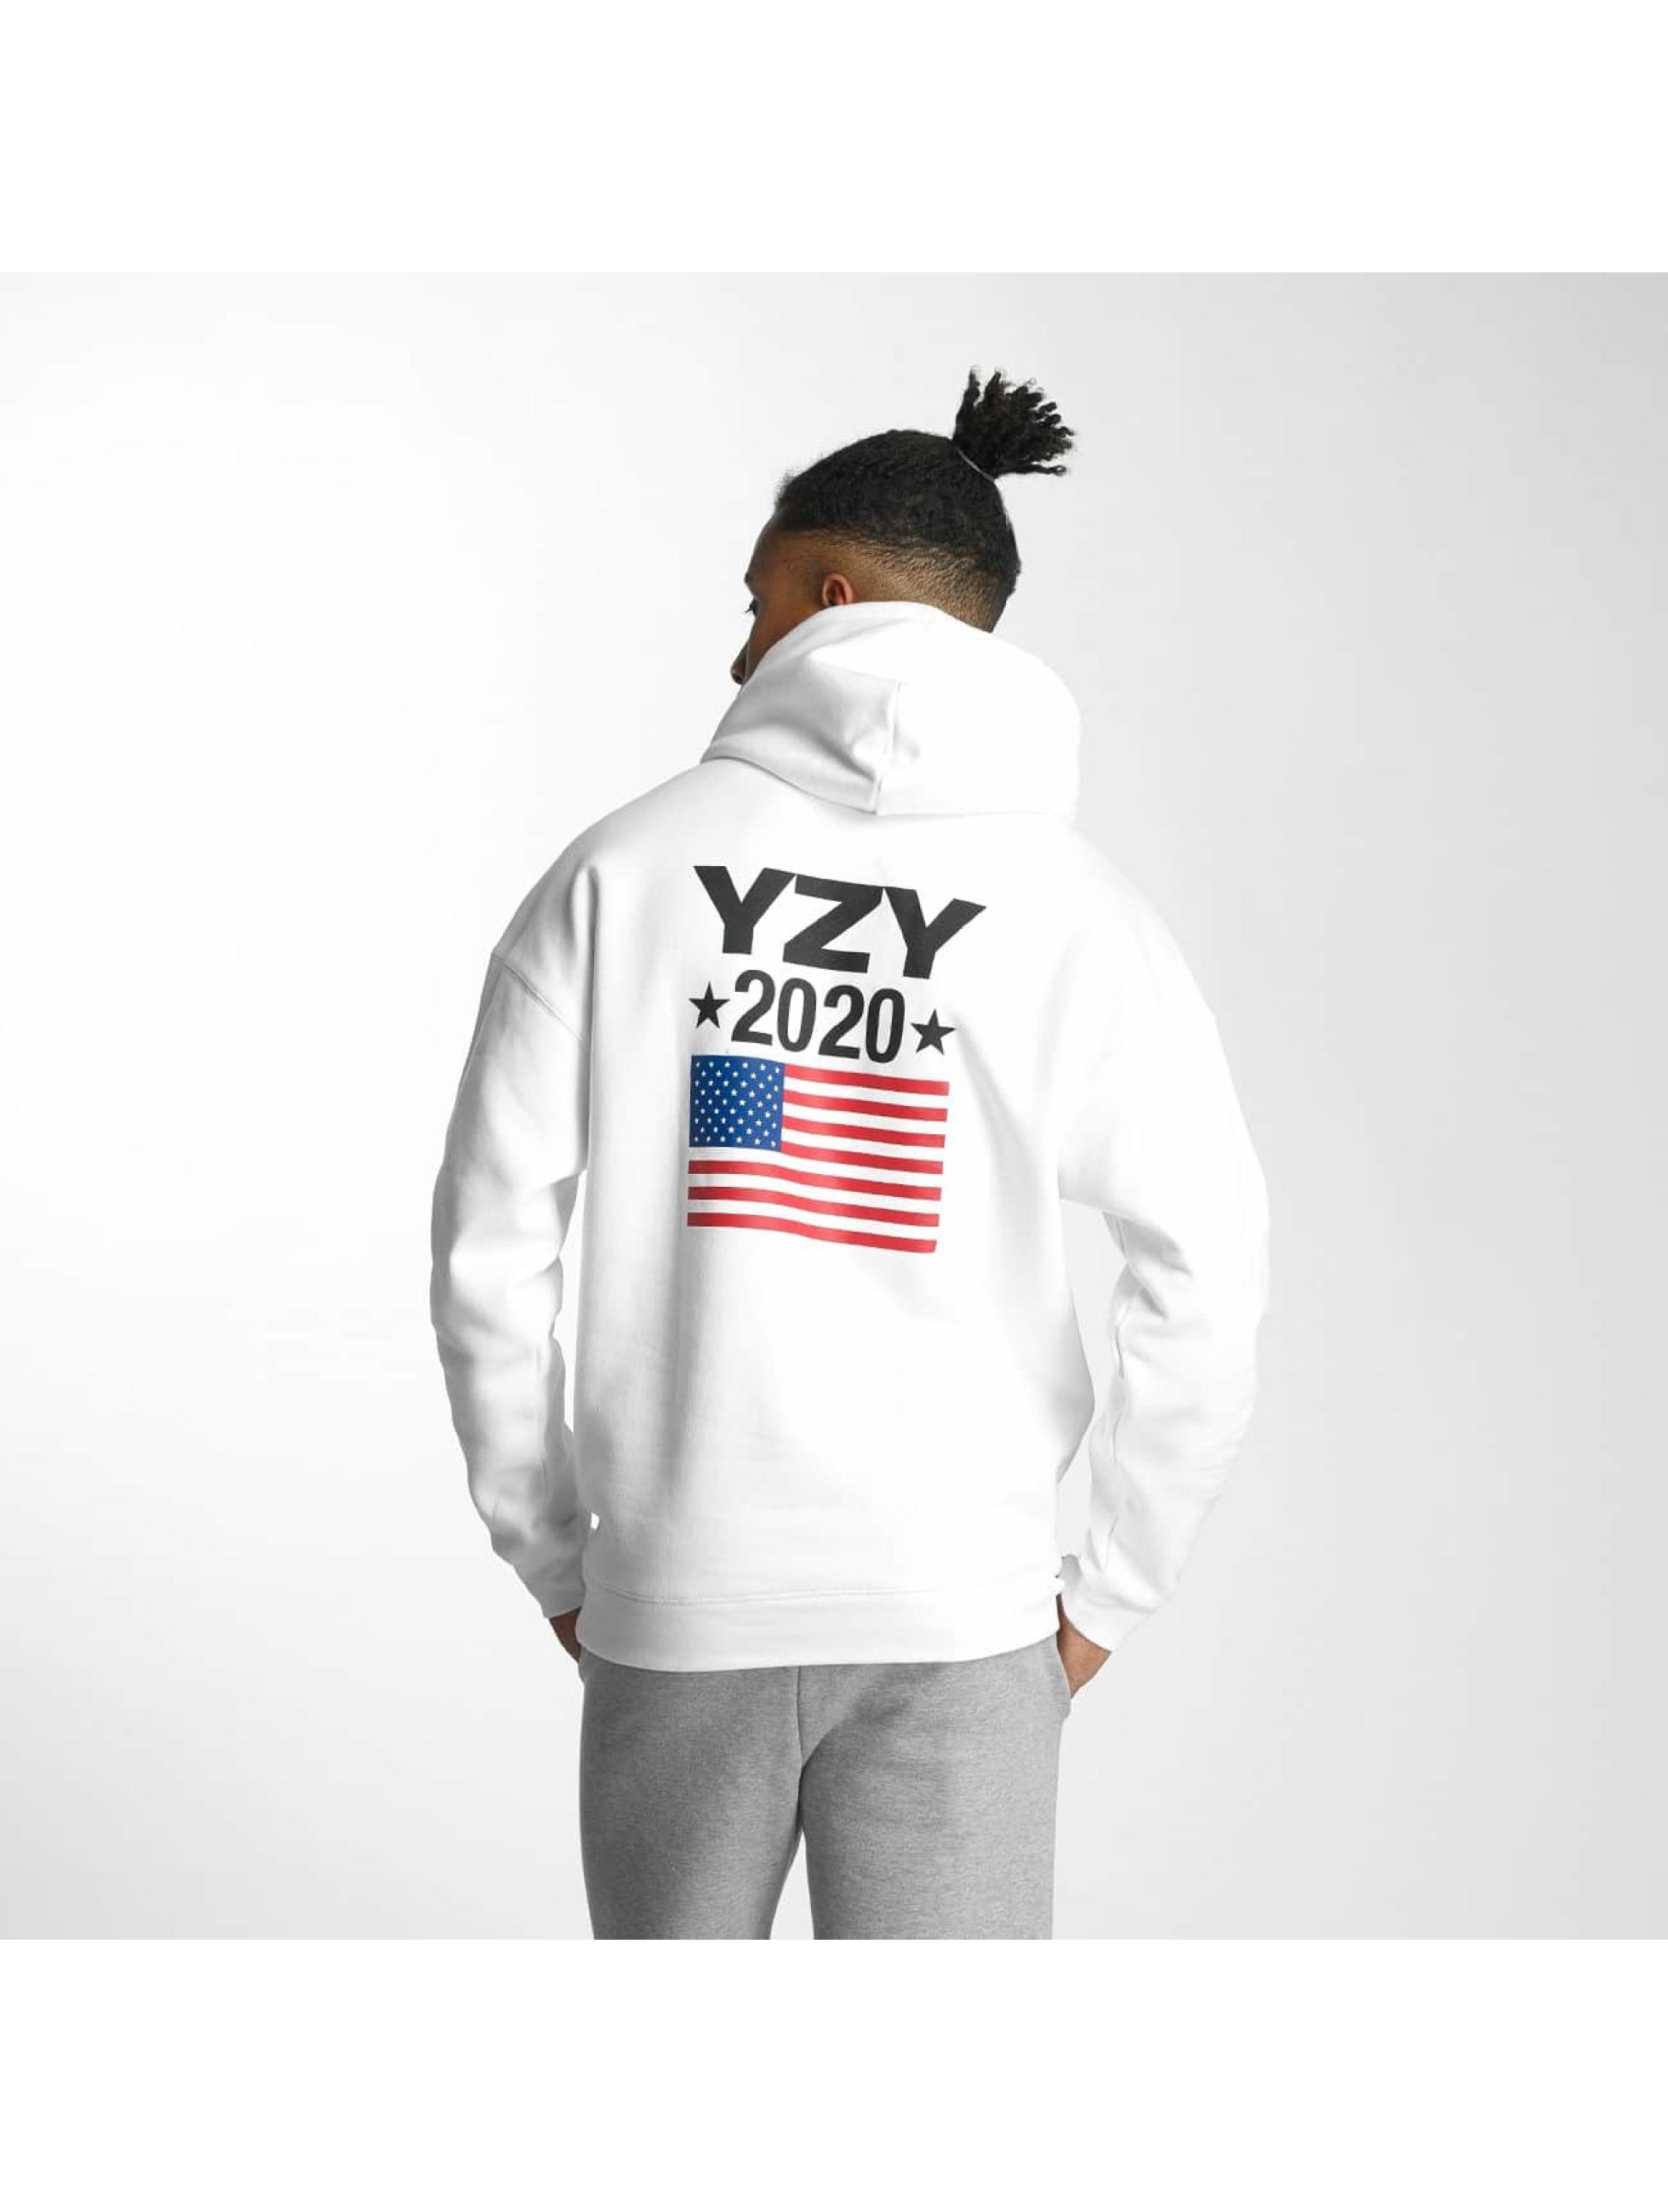 Kreem Bluzy z kapturem YZY 2020 bialy